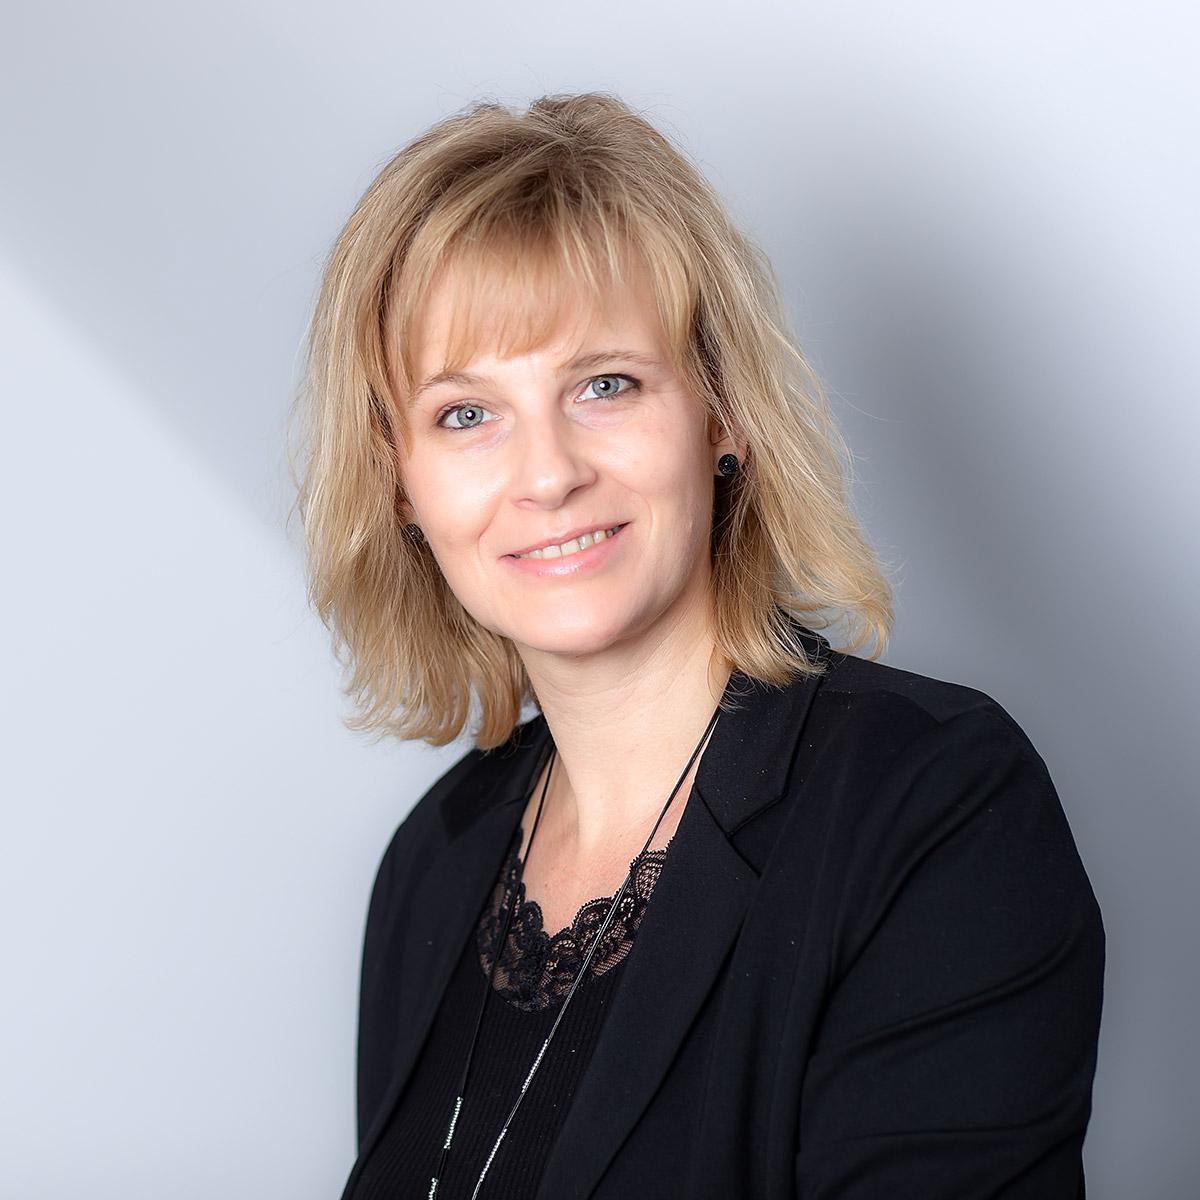 Manuela Amon